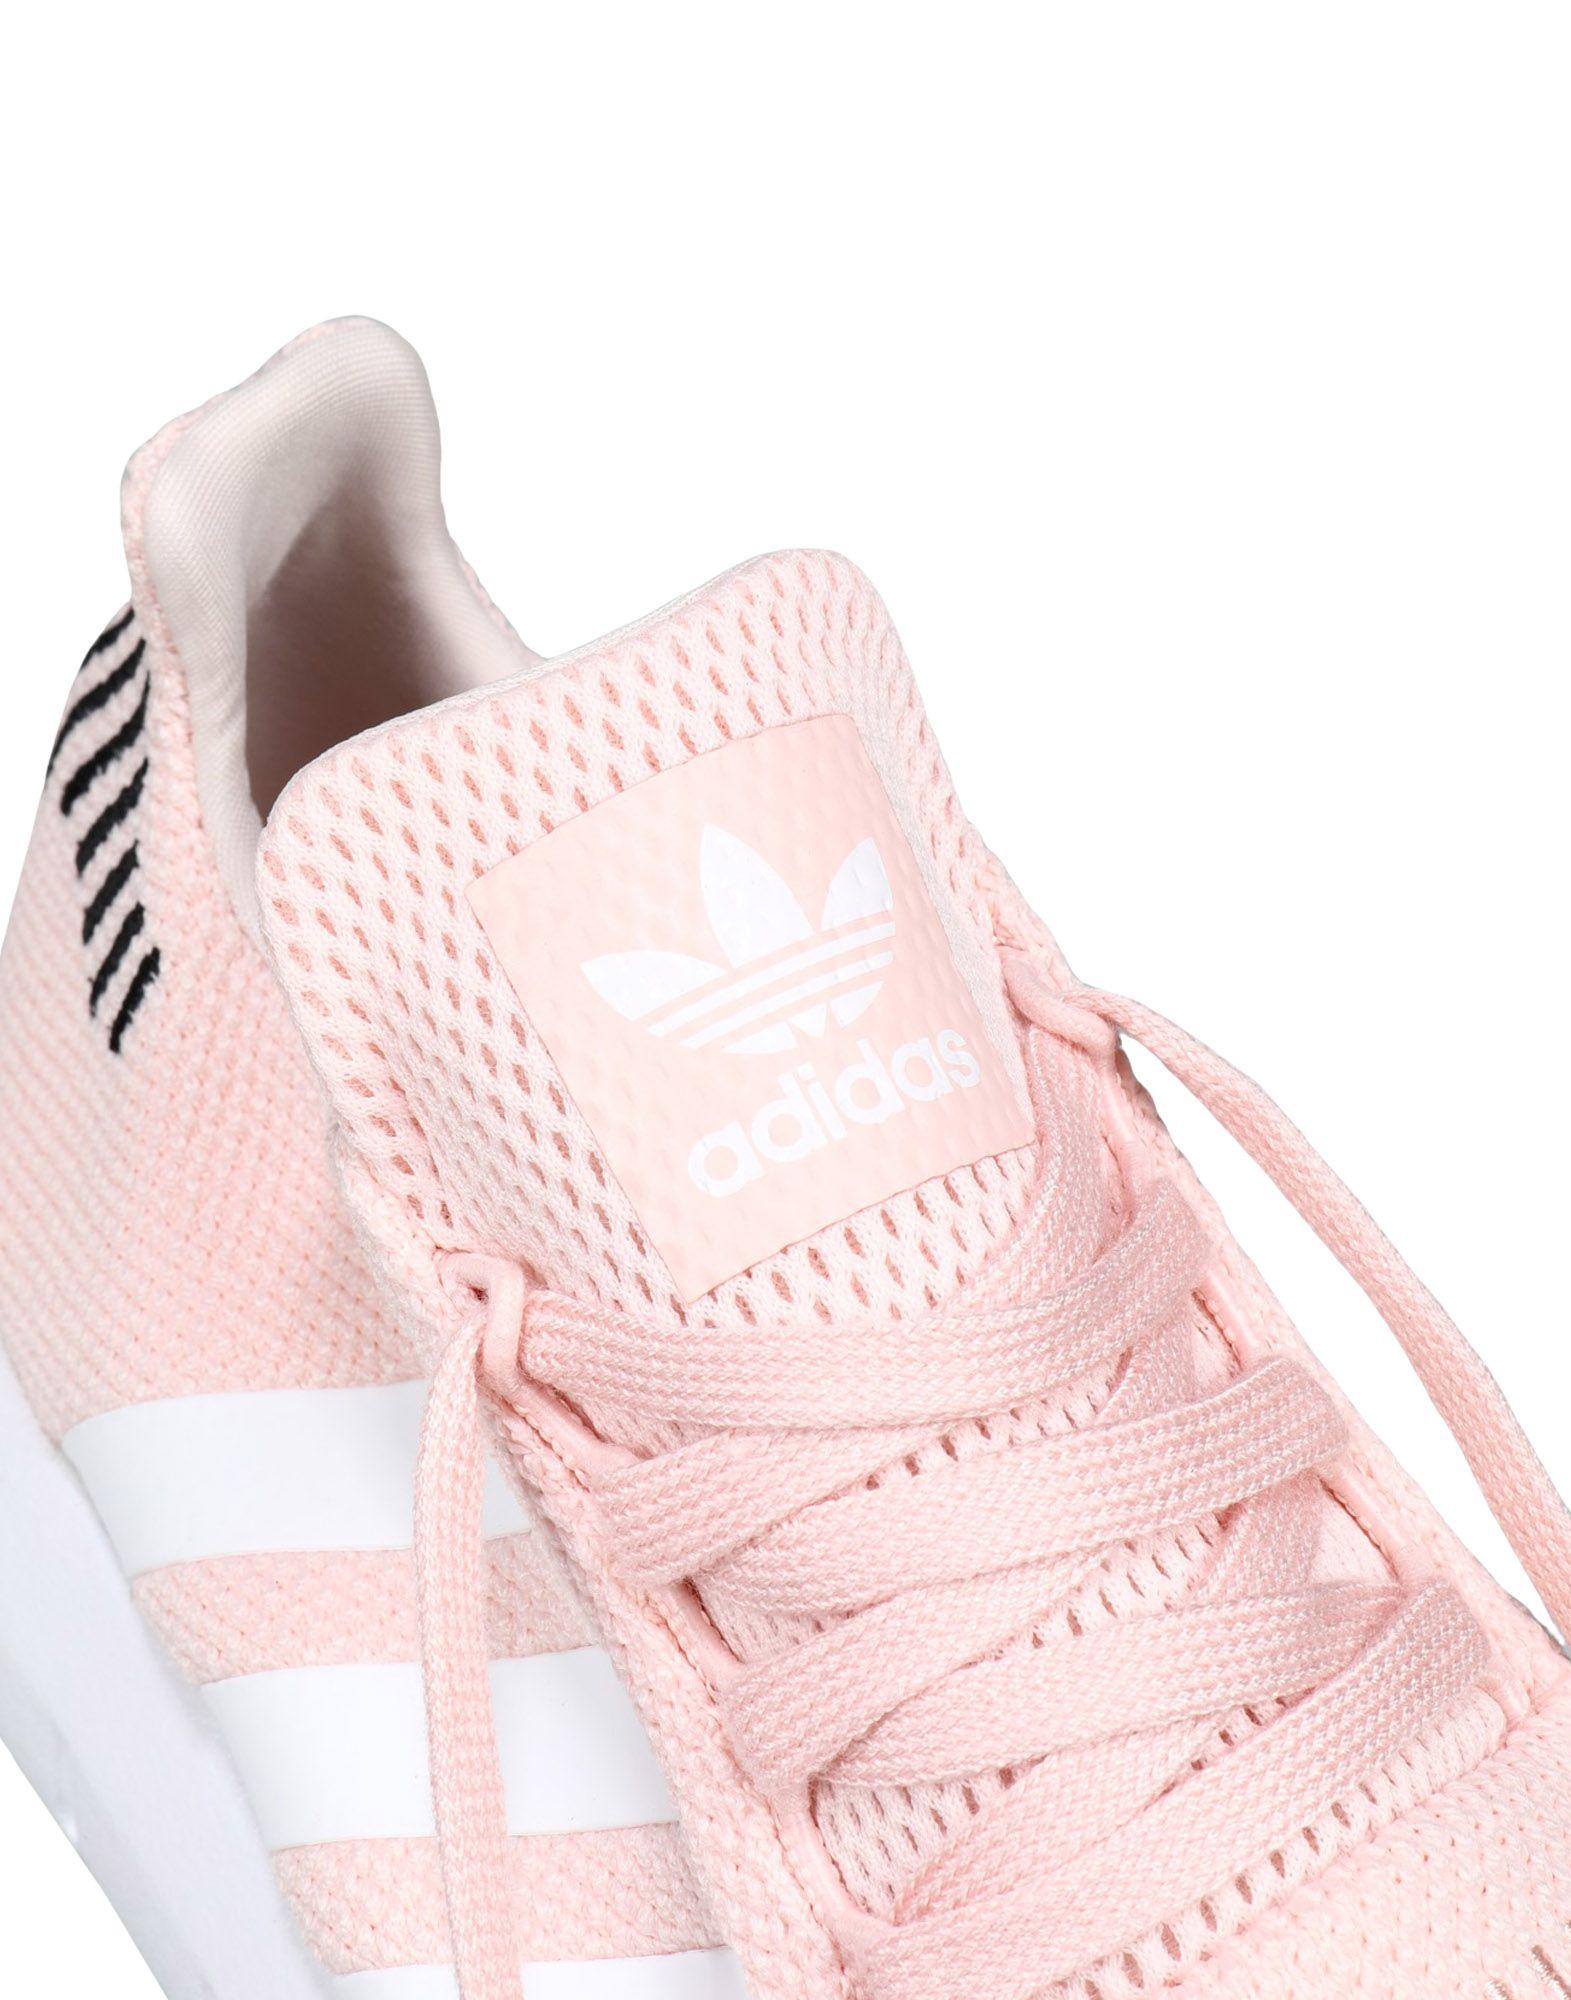 Adidas Originals Swift Run W  11533536CO Gute Qualität beliebte beliebte beliebte Schuhe c83bdd